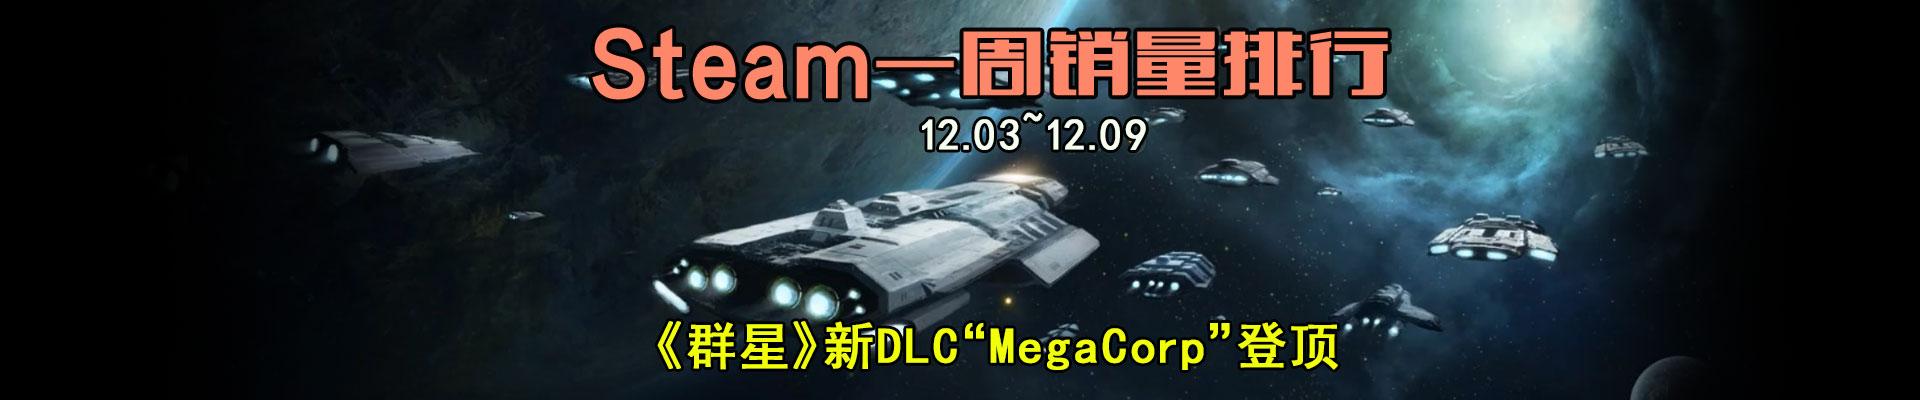 """Steam周销量排行:《群星》新DLC""""MegaCorp""""登顶"""